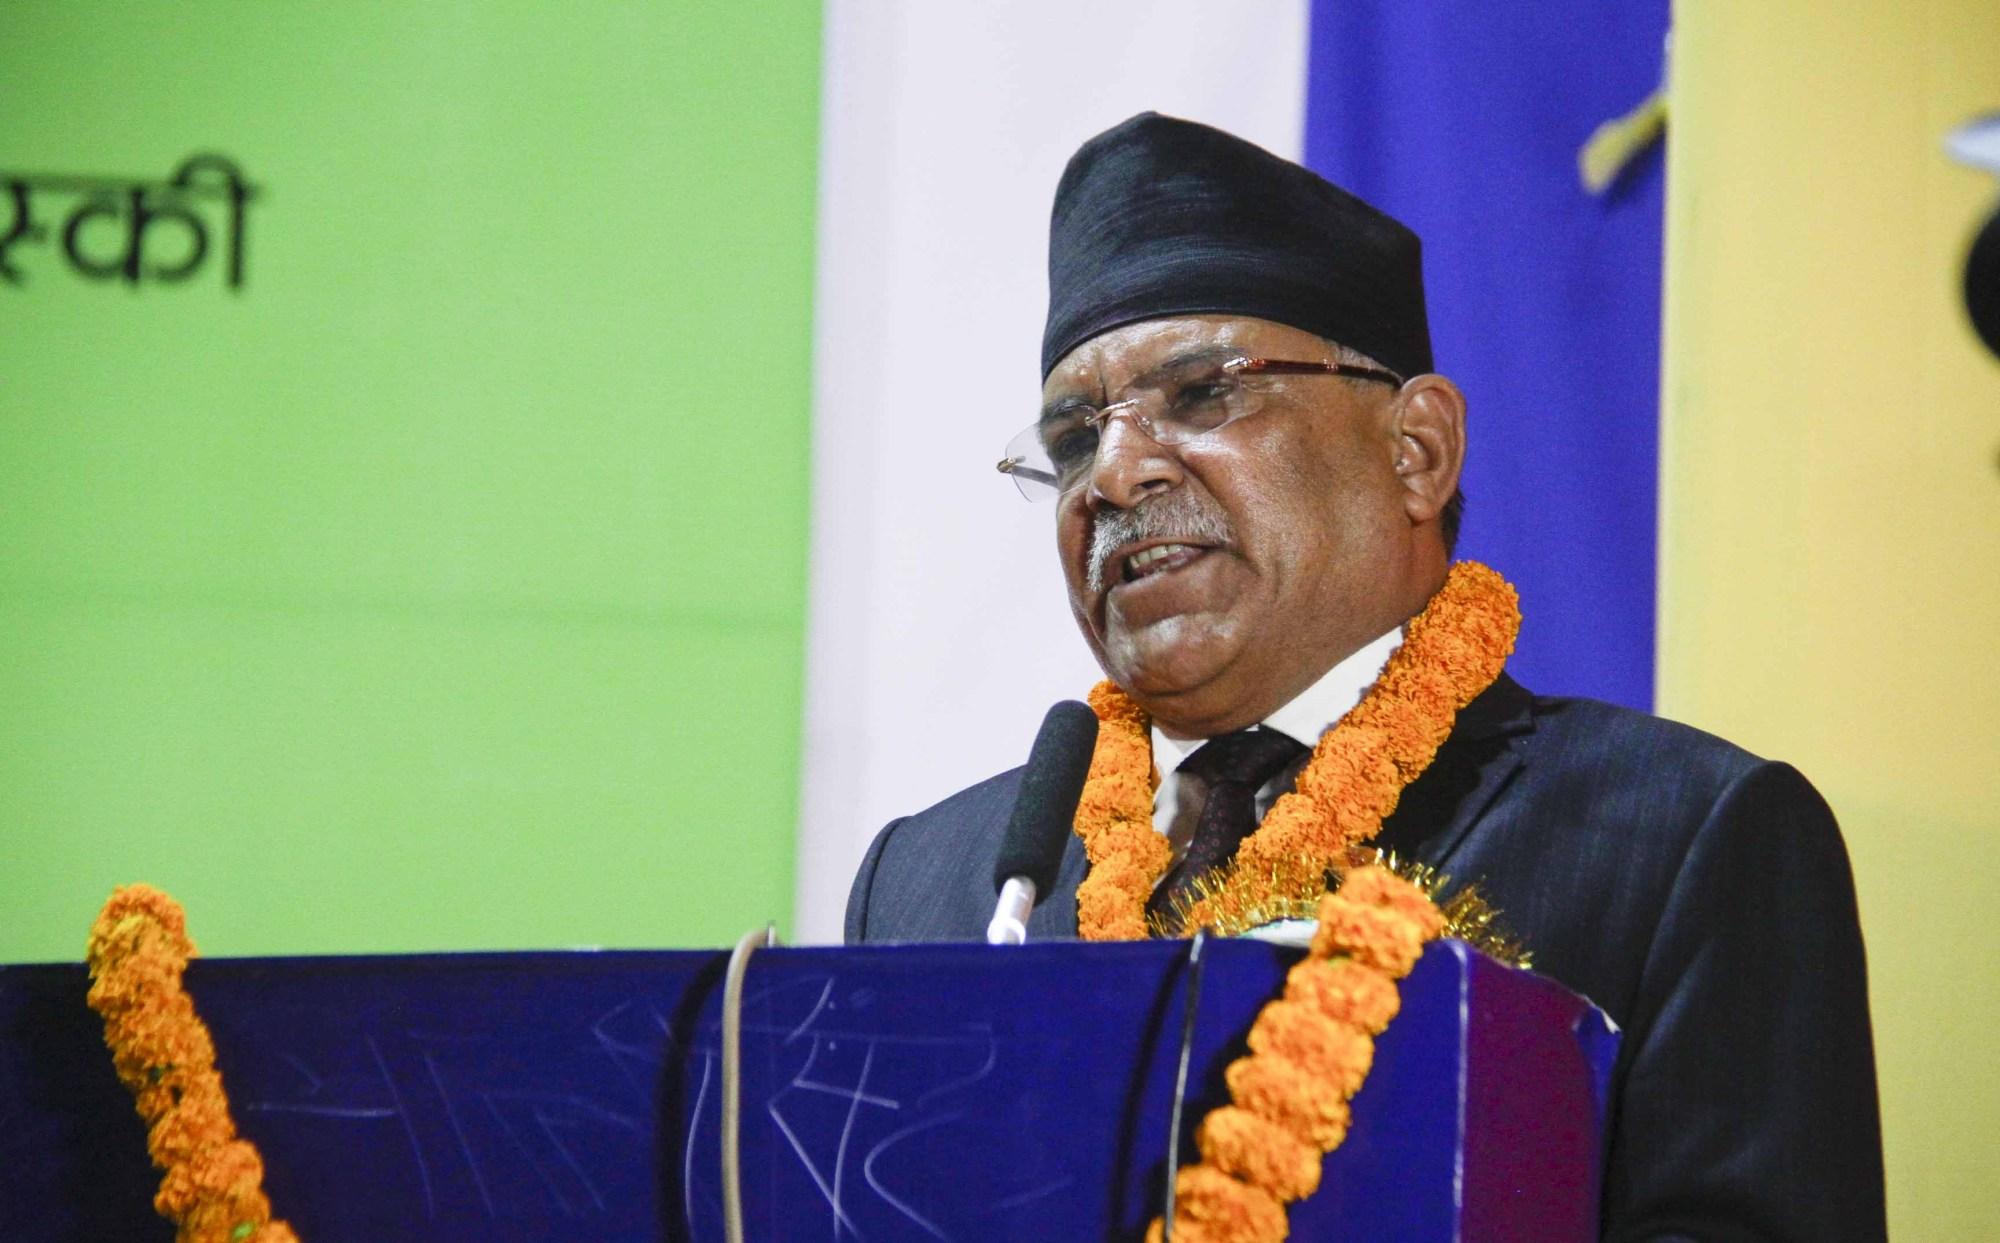 अन्तत प्रचण्डले खोले आफ्नै पोलःकांग्रेस, जसपा र हामी मिल्दा भारतका लागि सबैभन्दा राम्रो हुन्छ